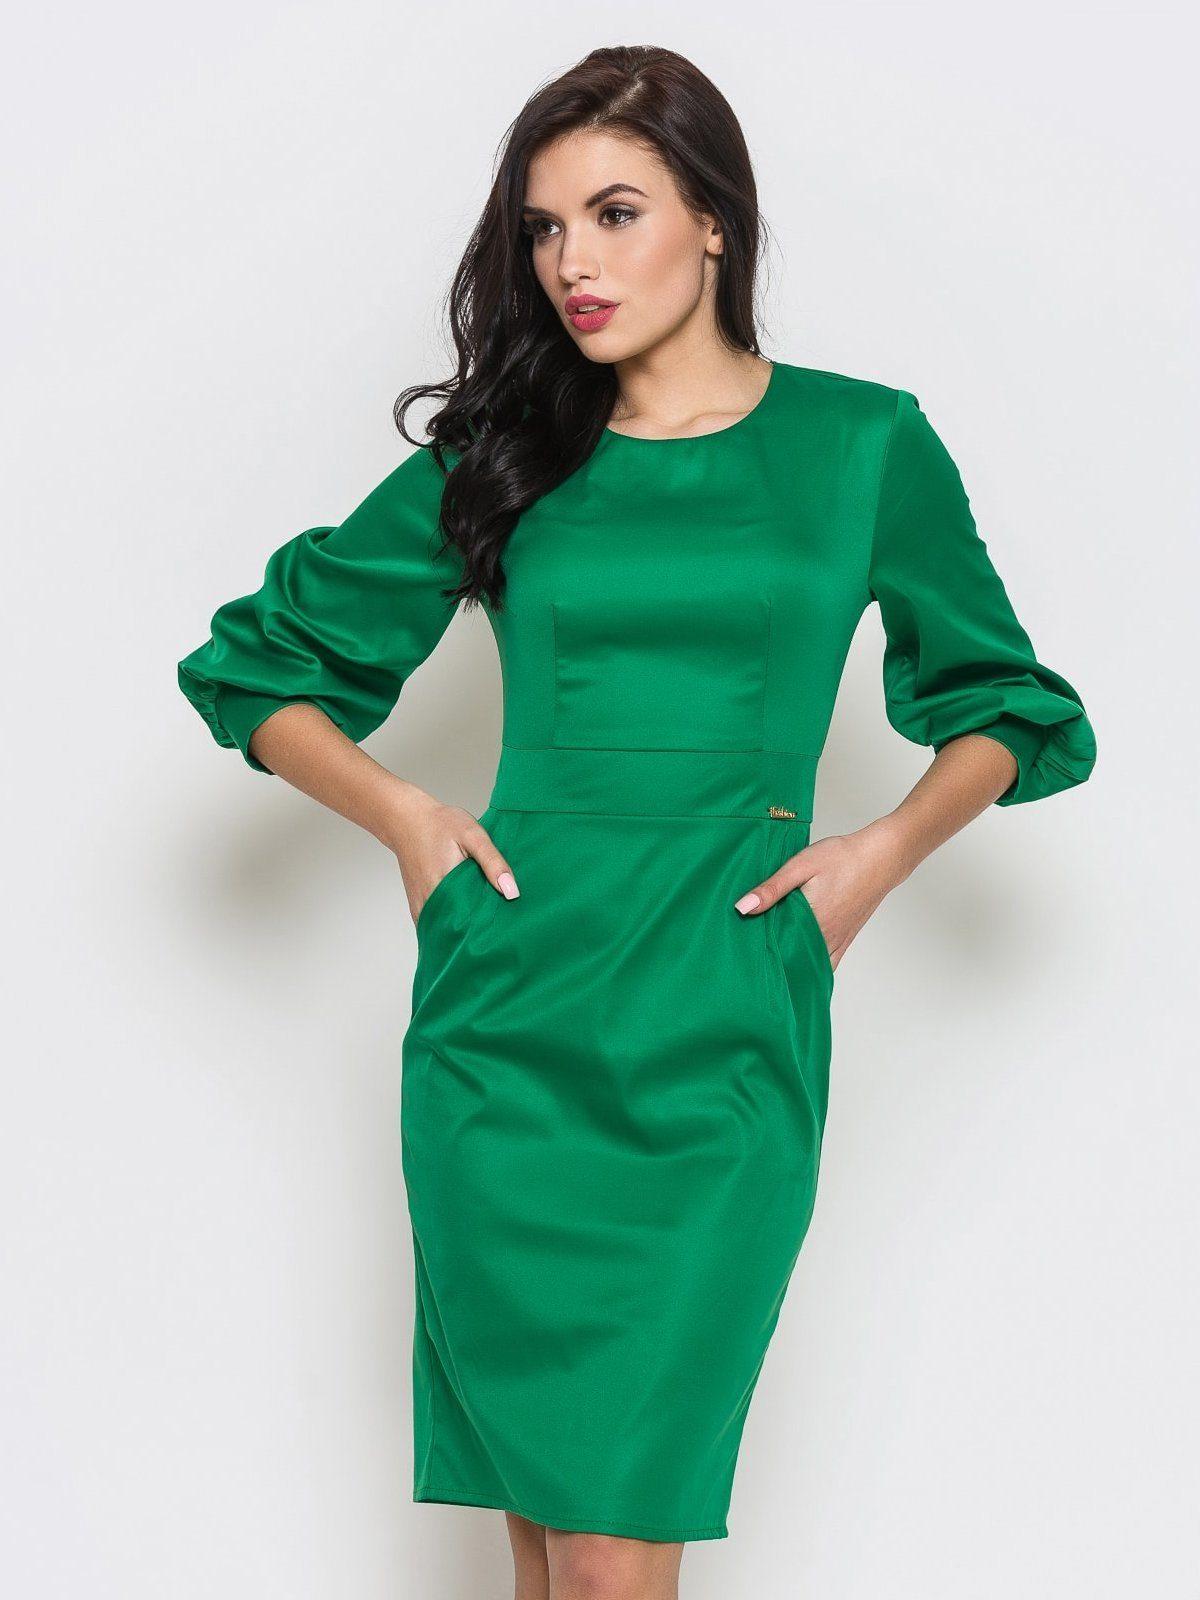 321ccd2b531e Zelené kancelářské šaty  jasná alternativa k černým oblečením